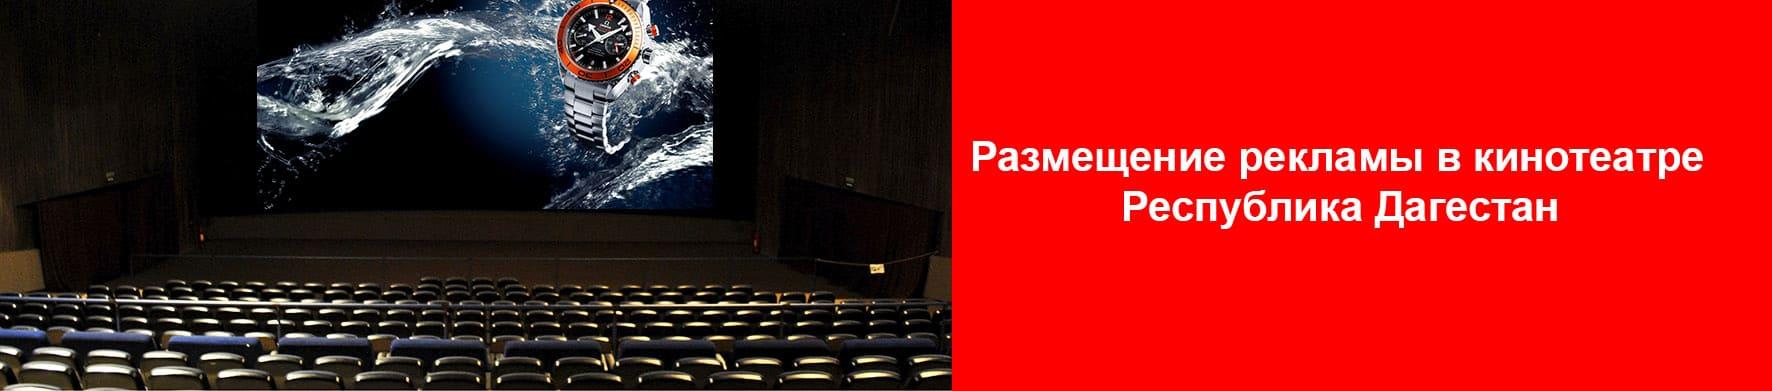 Реклама в кинотеатре Махачкала